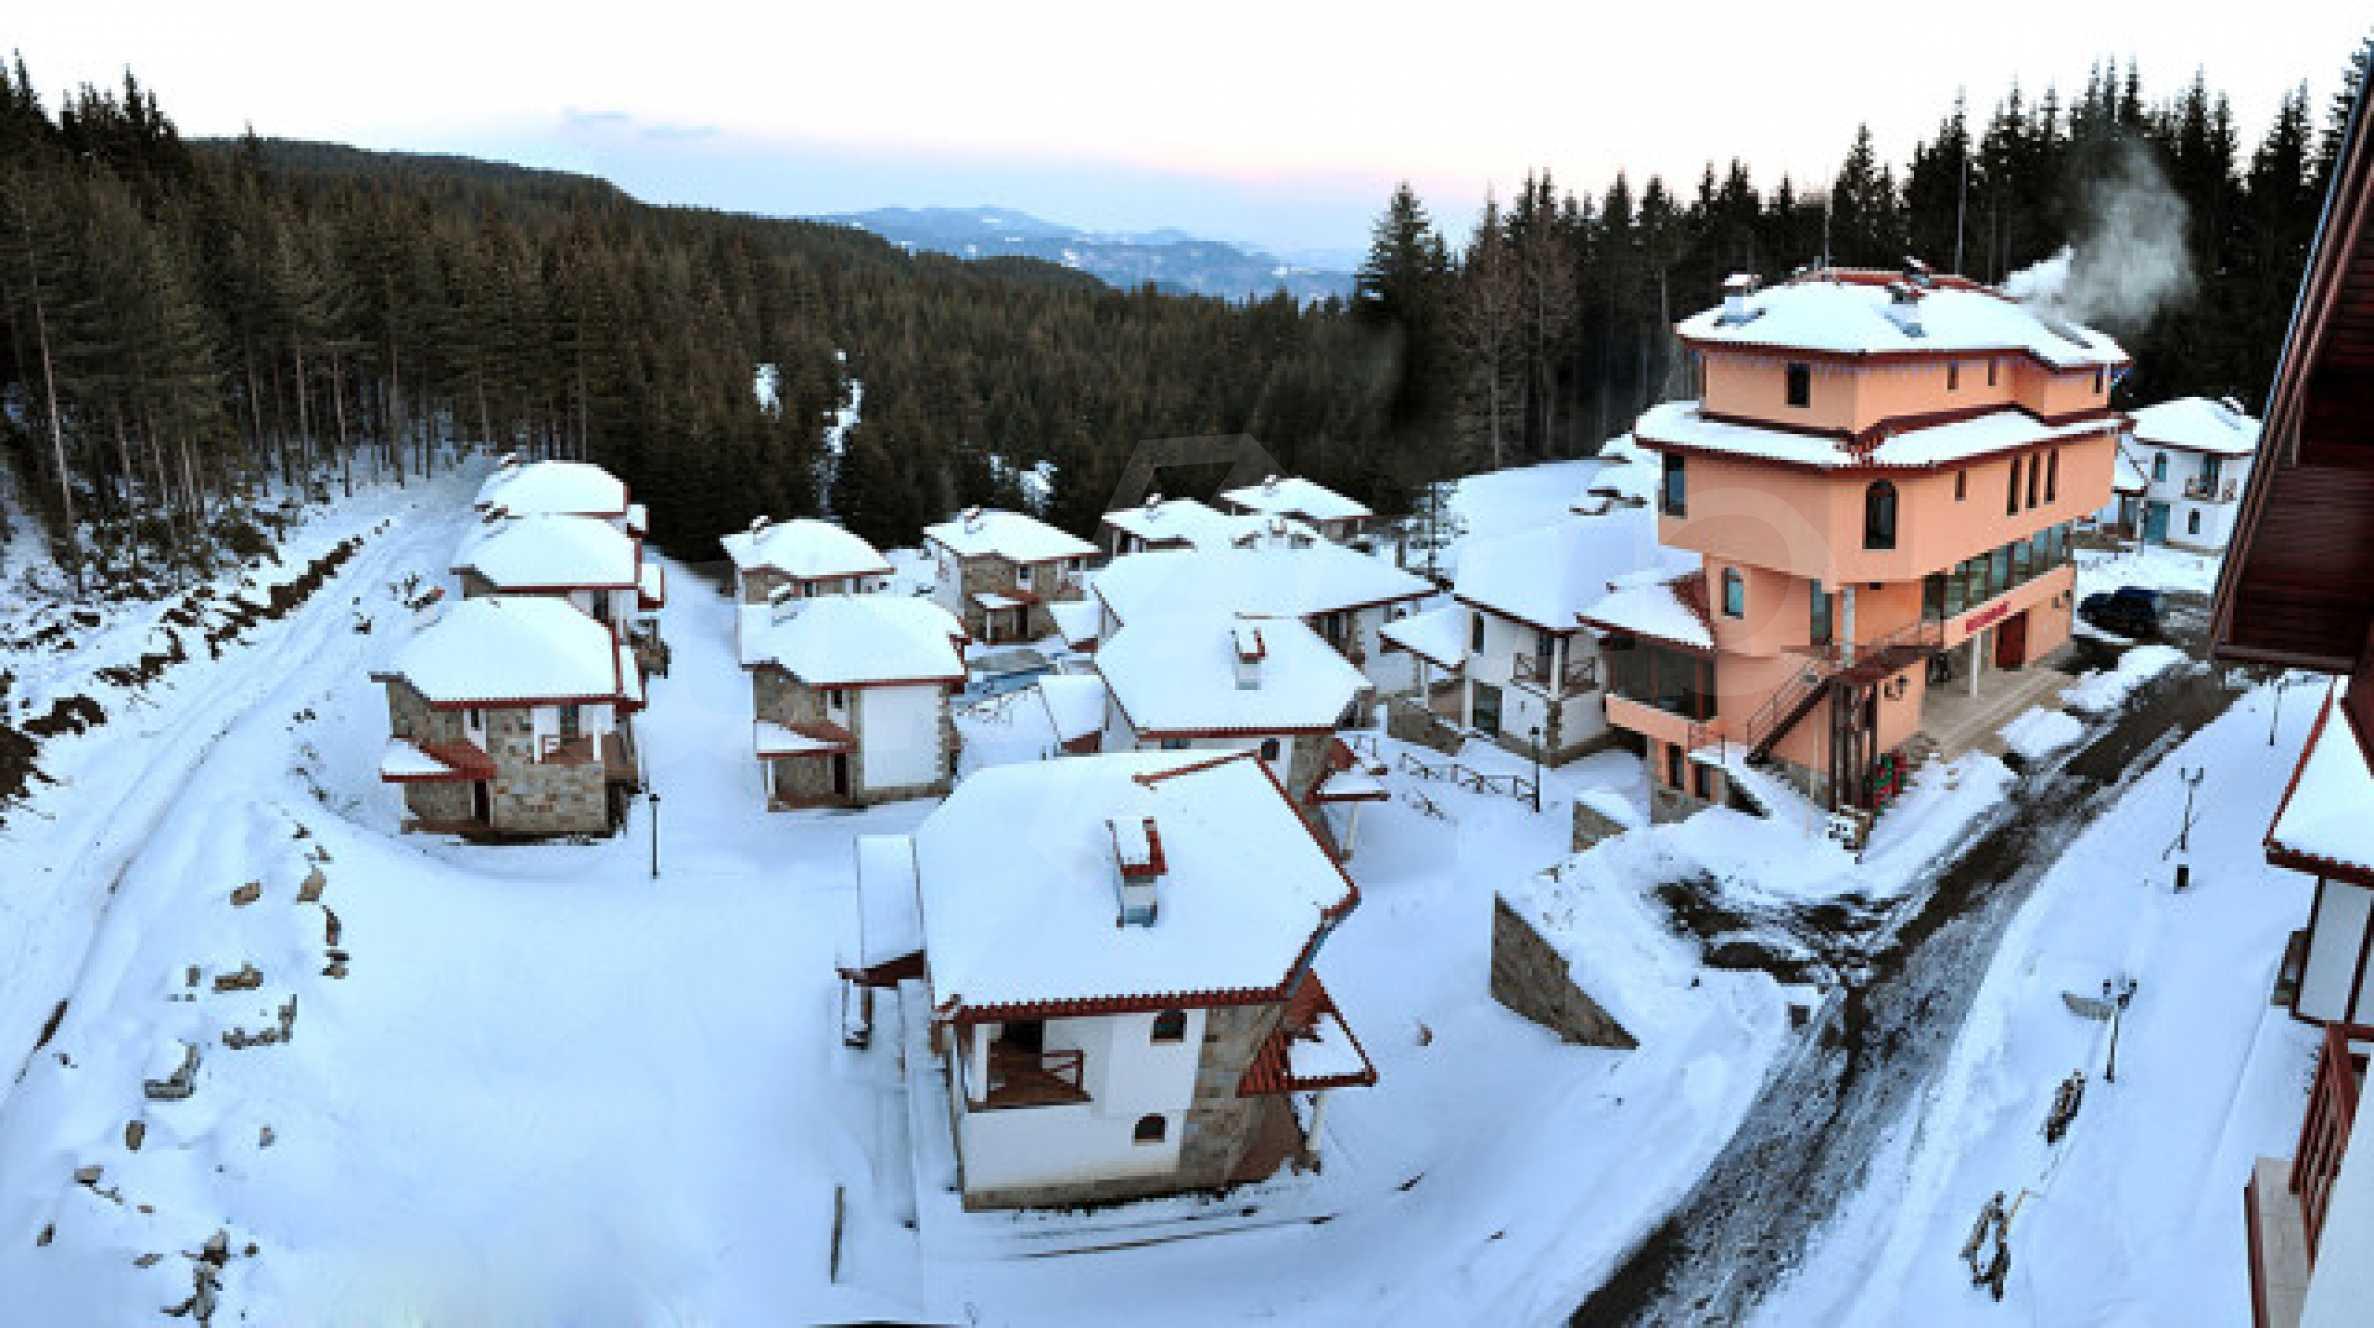 Апартаменти на атрактивни цени в планински ваканционен комплекс в Пампорово 2